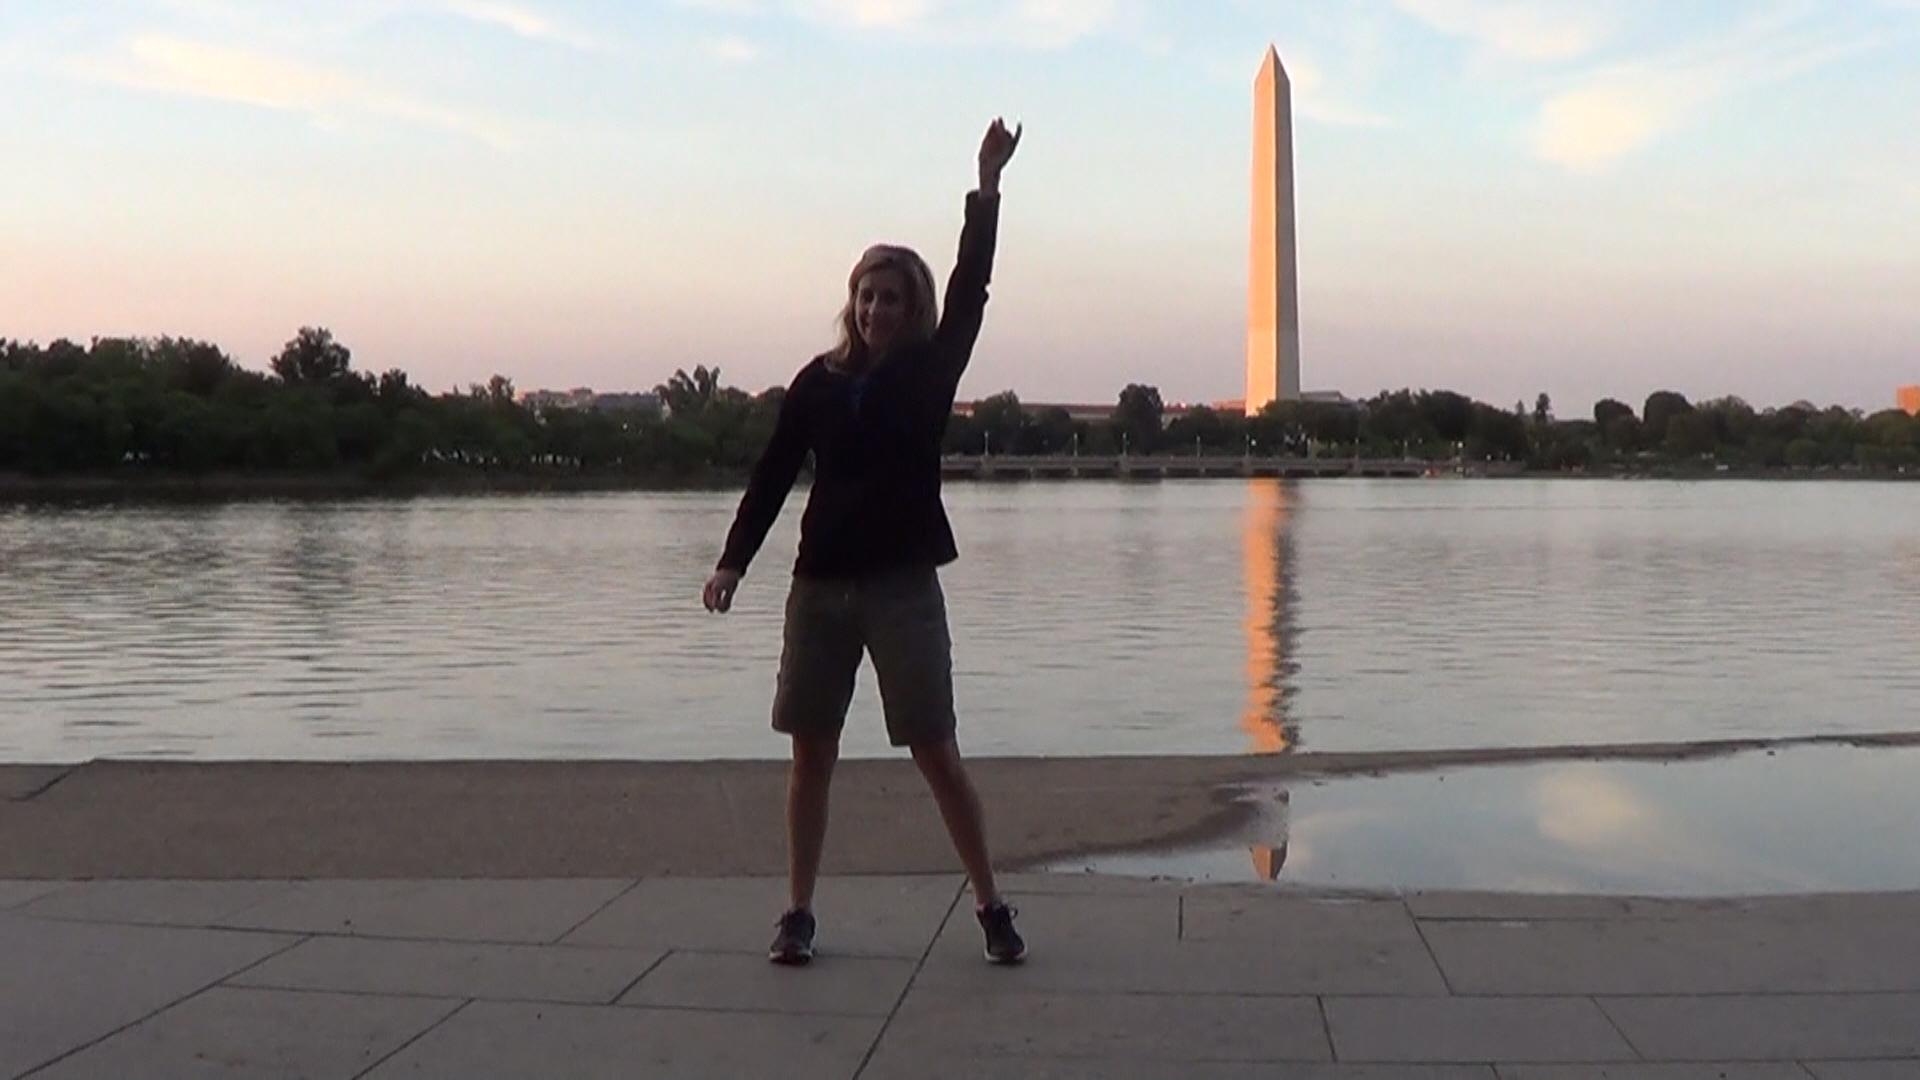 16 - Washington Monument